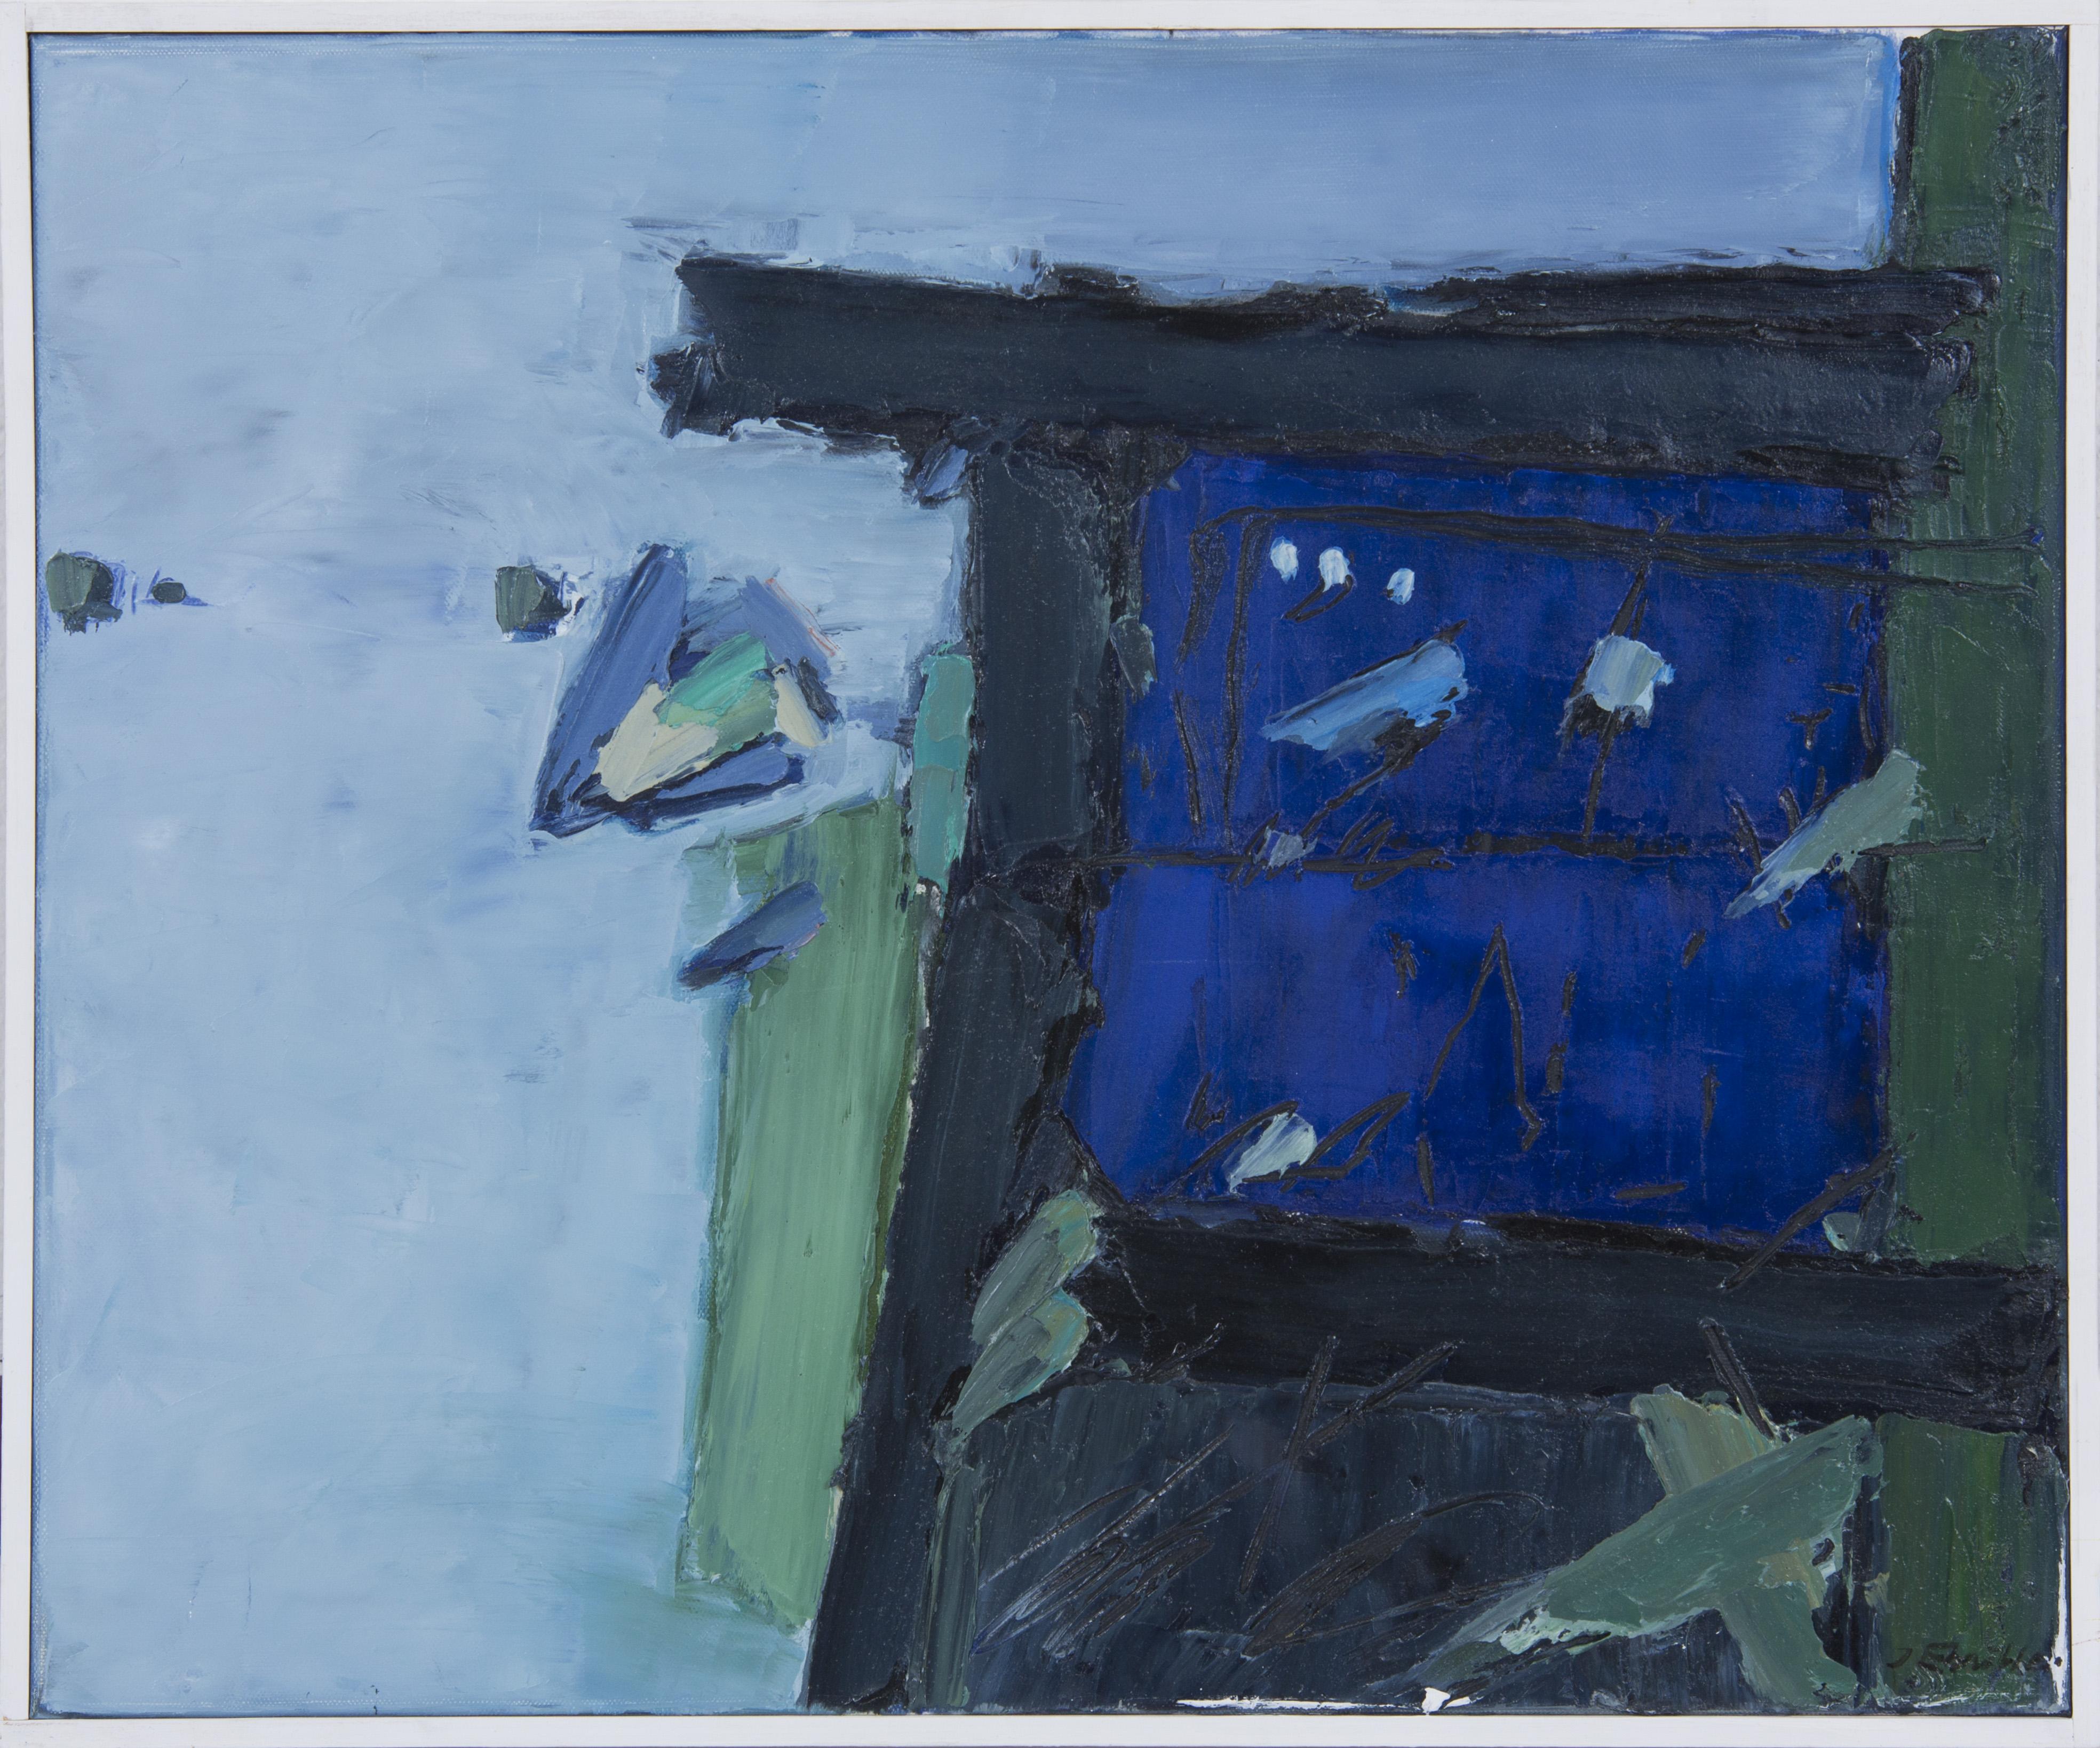 Josef Ebnöther, Malerei, Der andere Raum